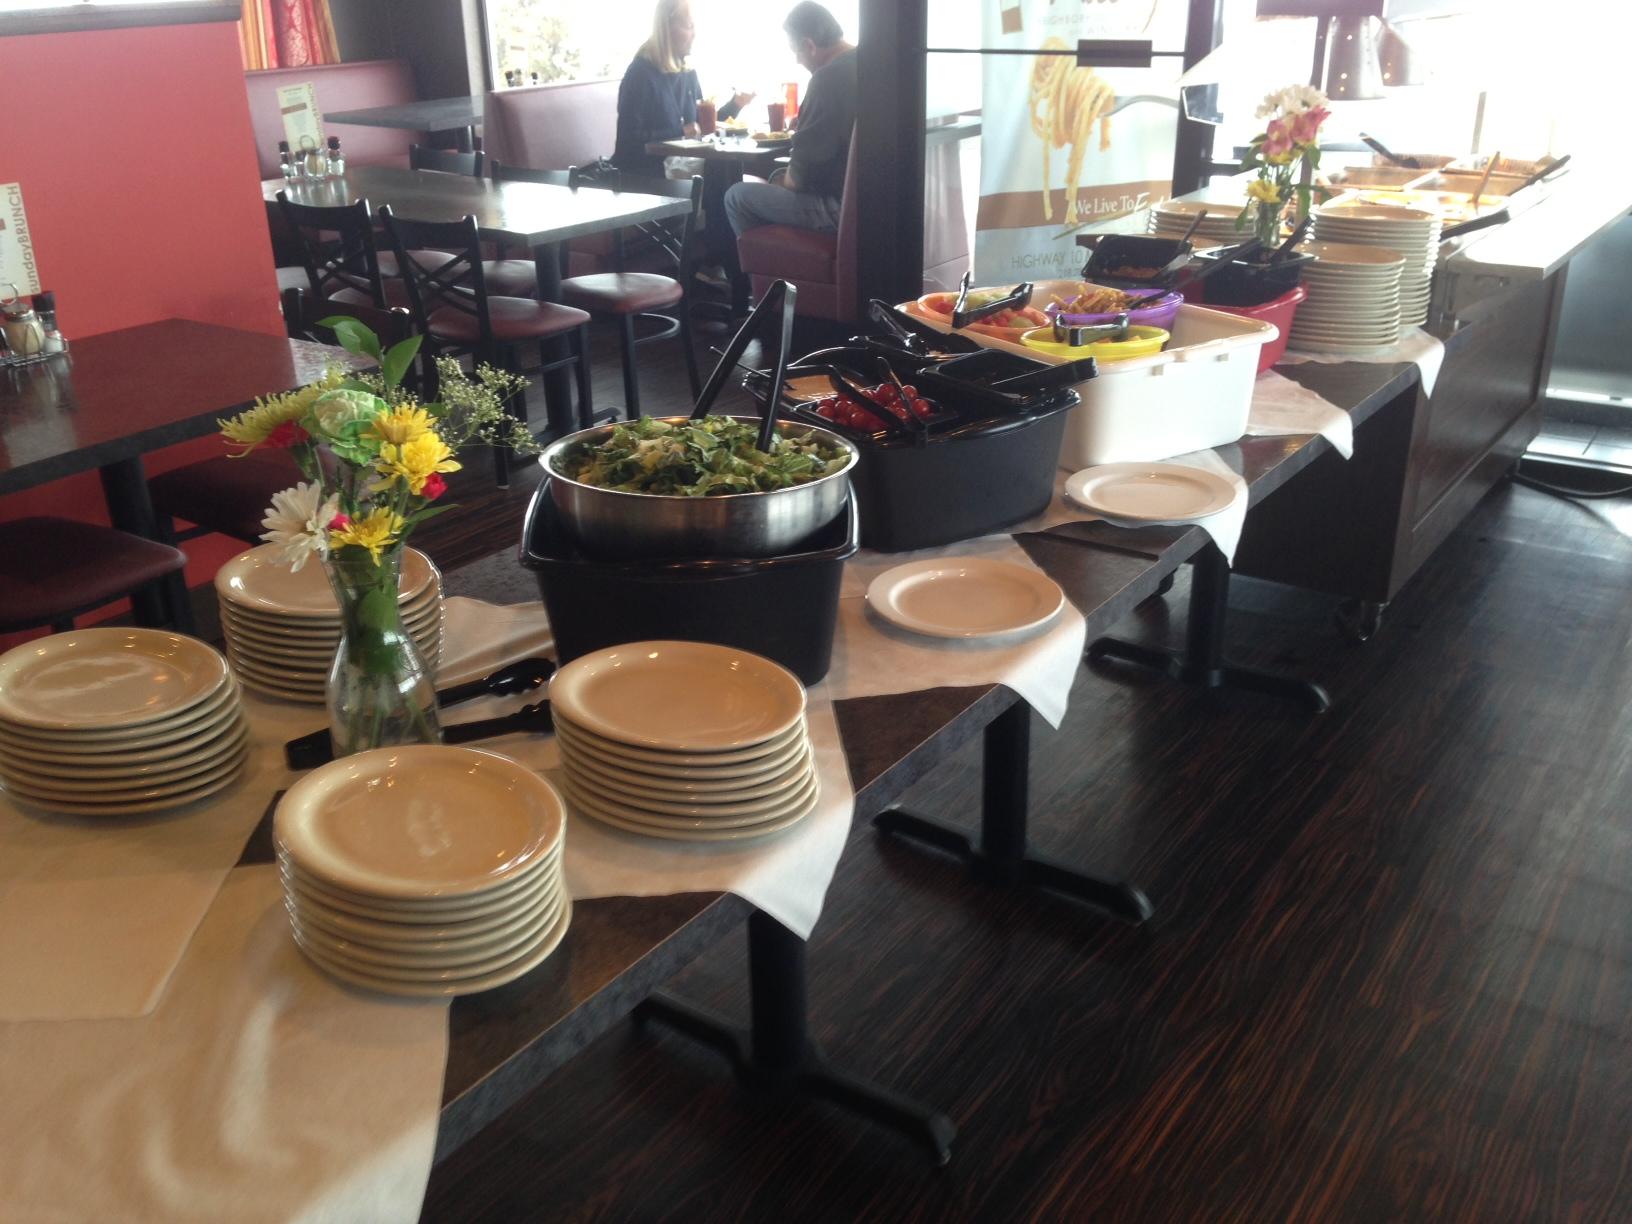 Altony's Italian Cafe, Moorhead MN